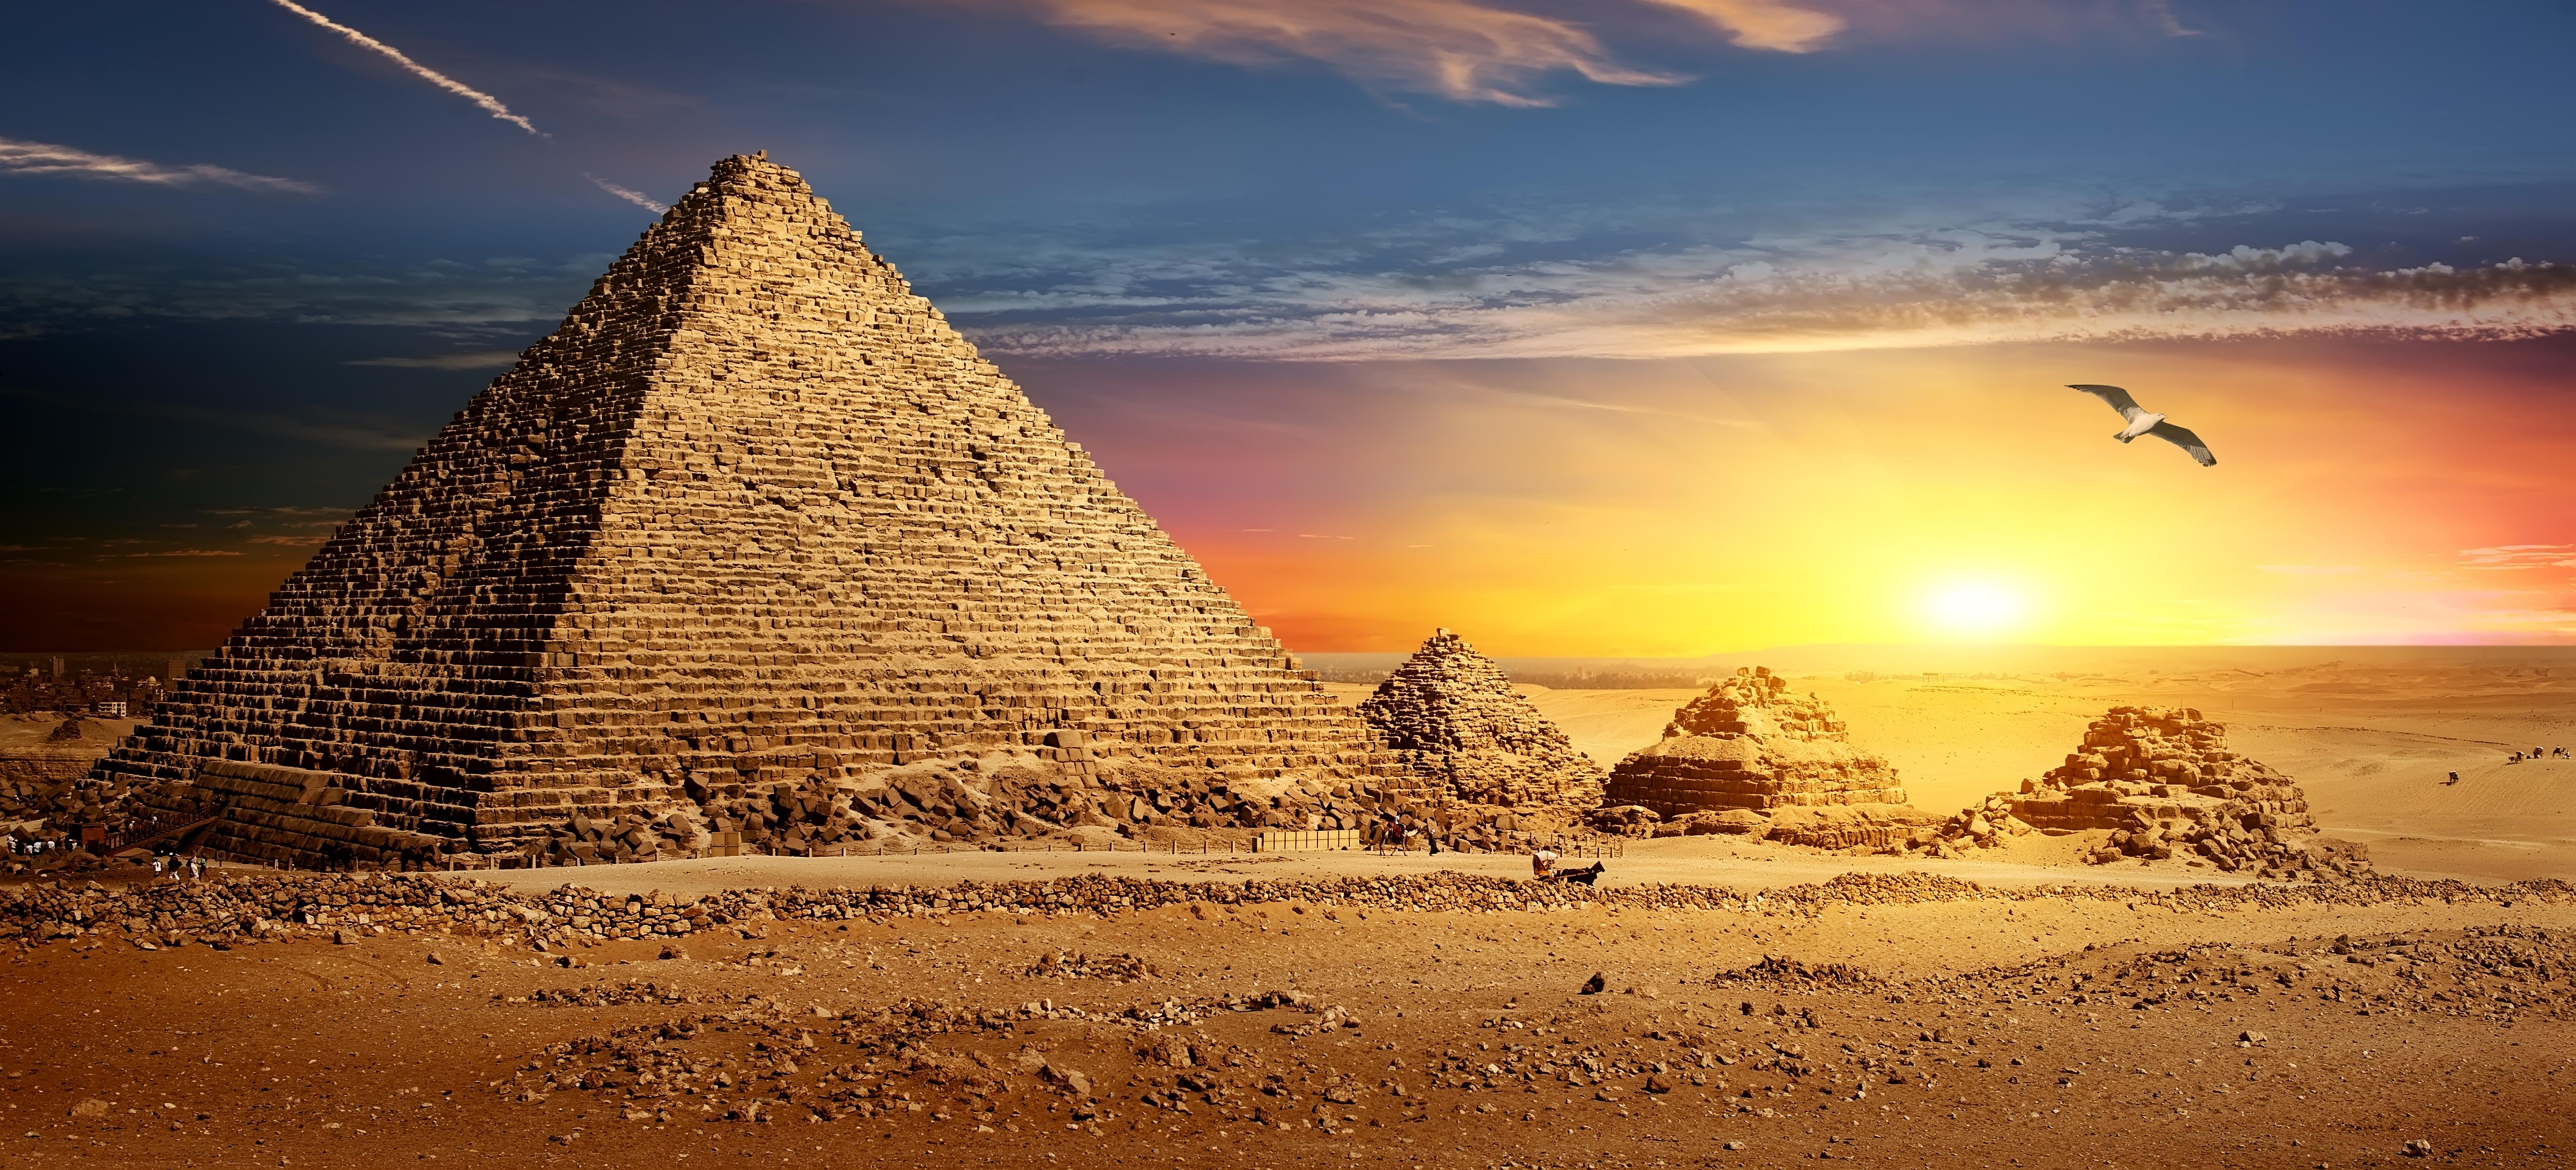 Блокады, открытка египет пирамиды